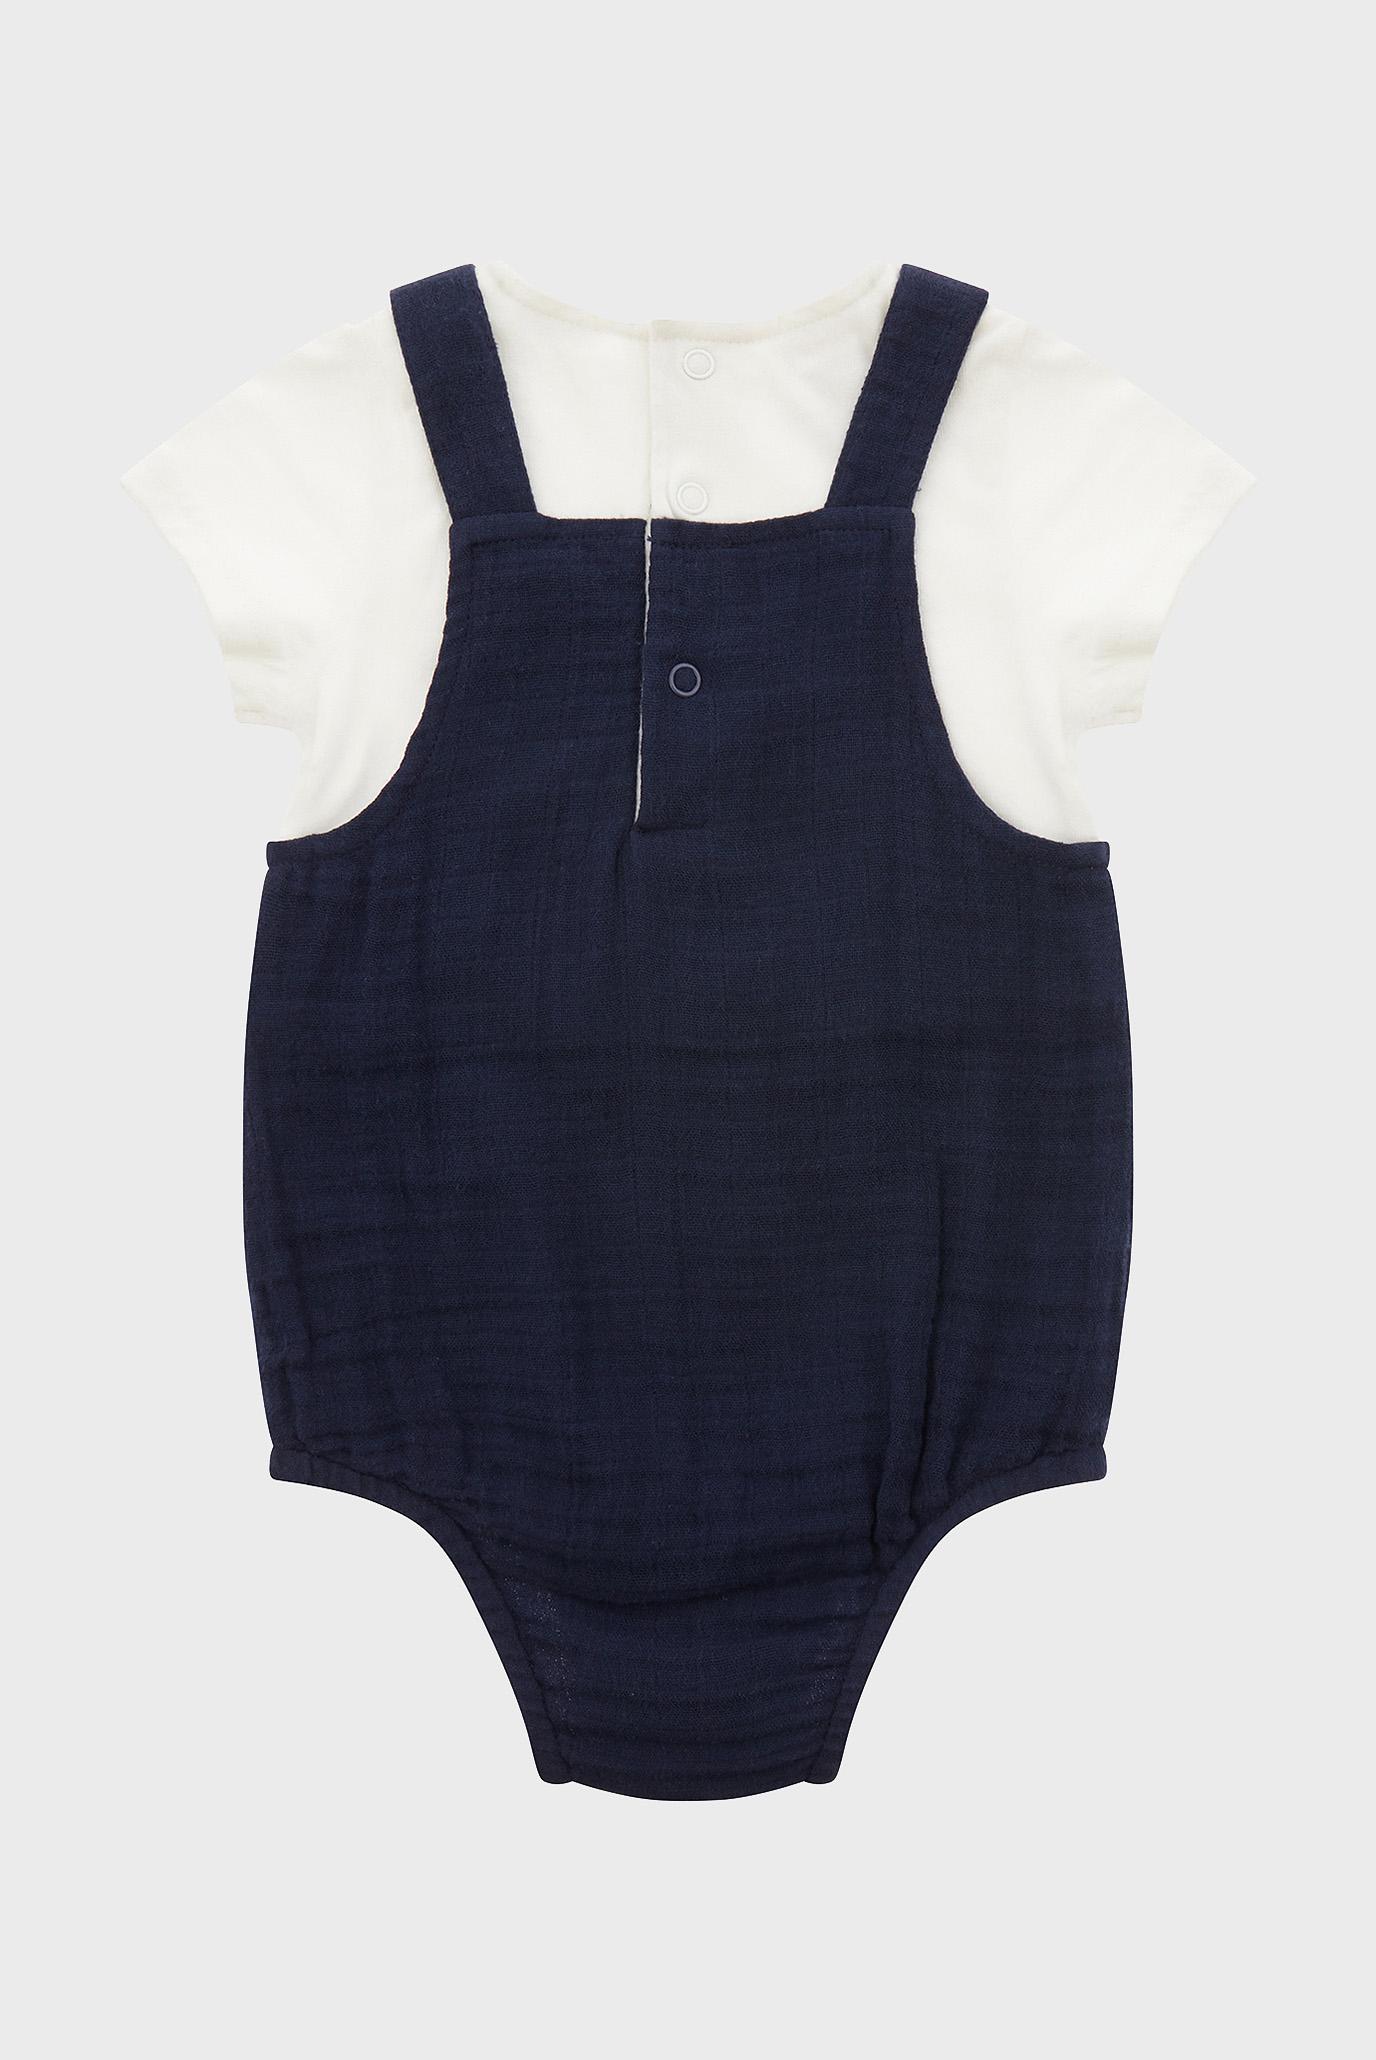 Детский набор одежды NB Baby (комбинезон, футболка) Monsoon Children